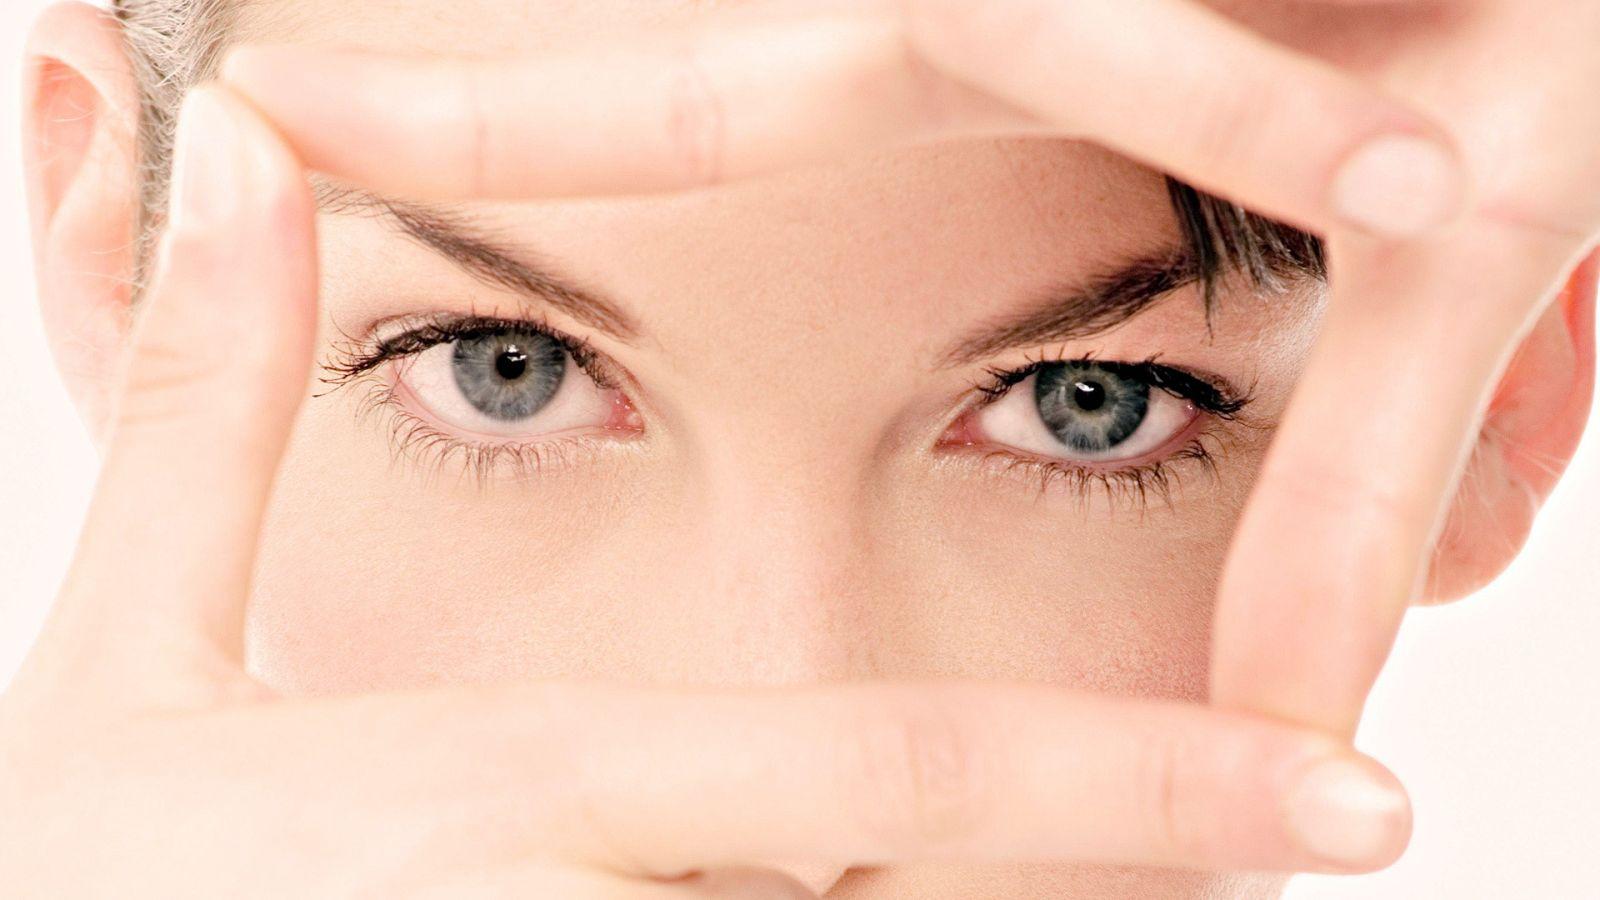 Офтальмогерпес и герпетический кератит: как сохранить зрение?